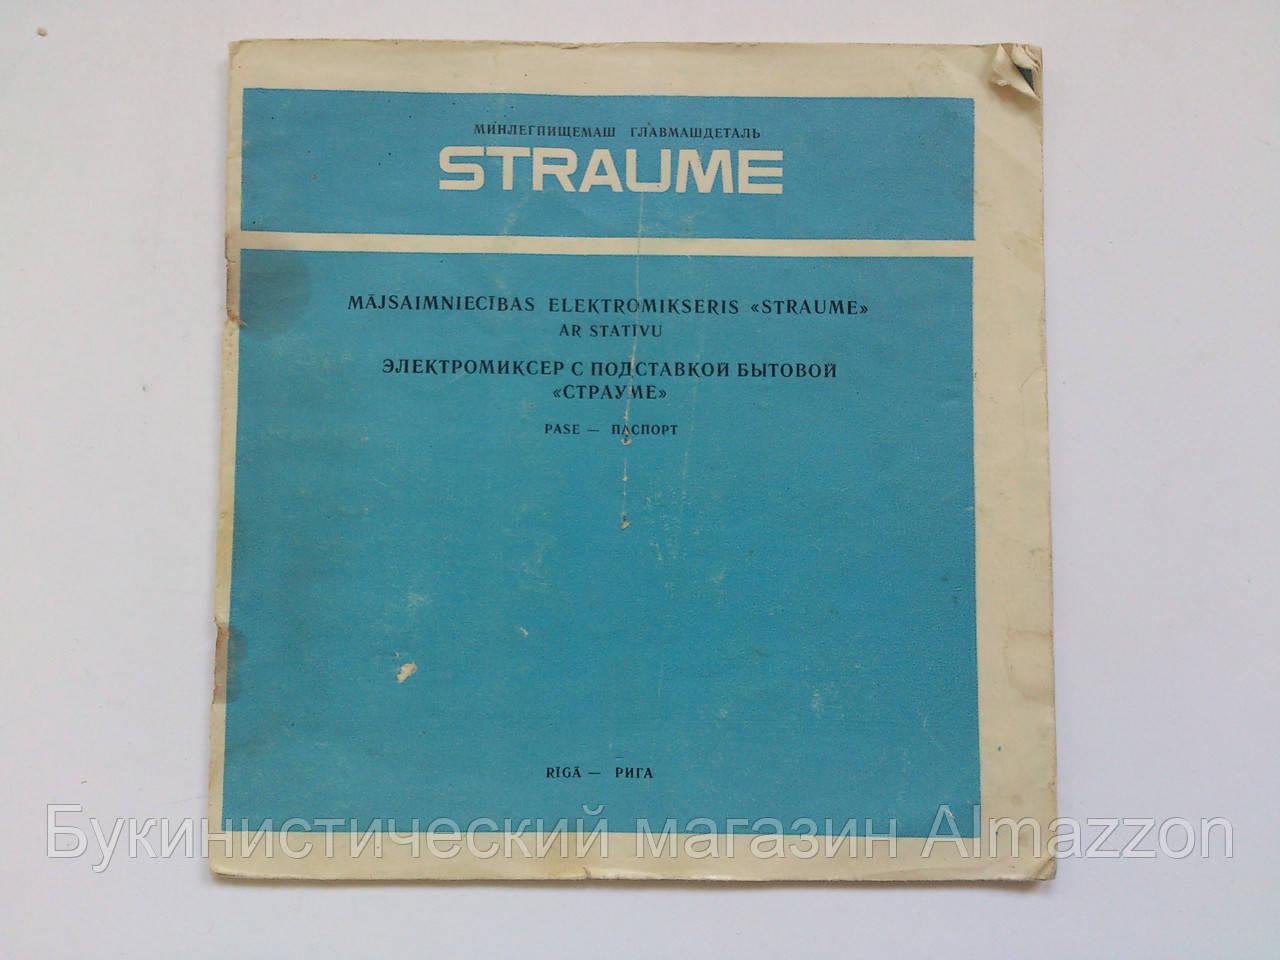 Электромиксер с подставкой бытовой Straume (Страуме). Паспорт. Рига